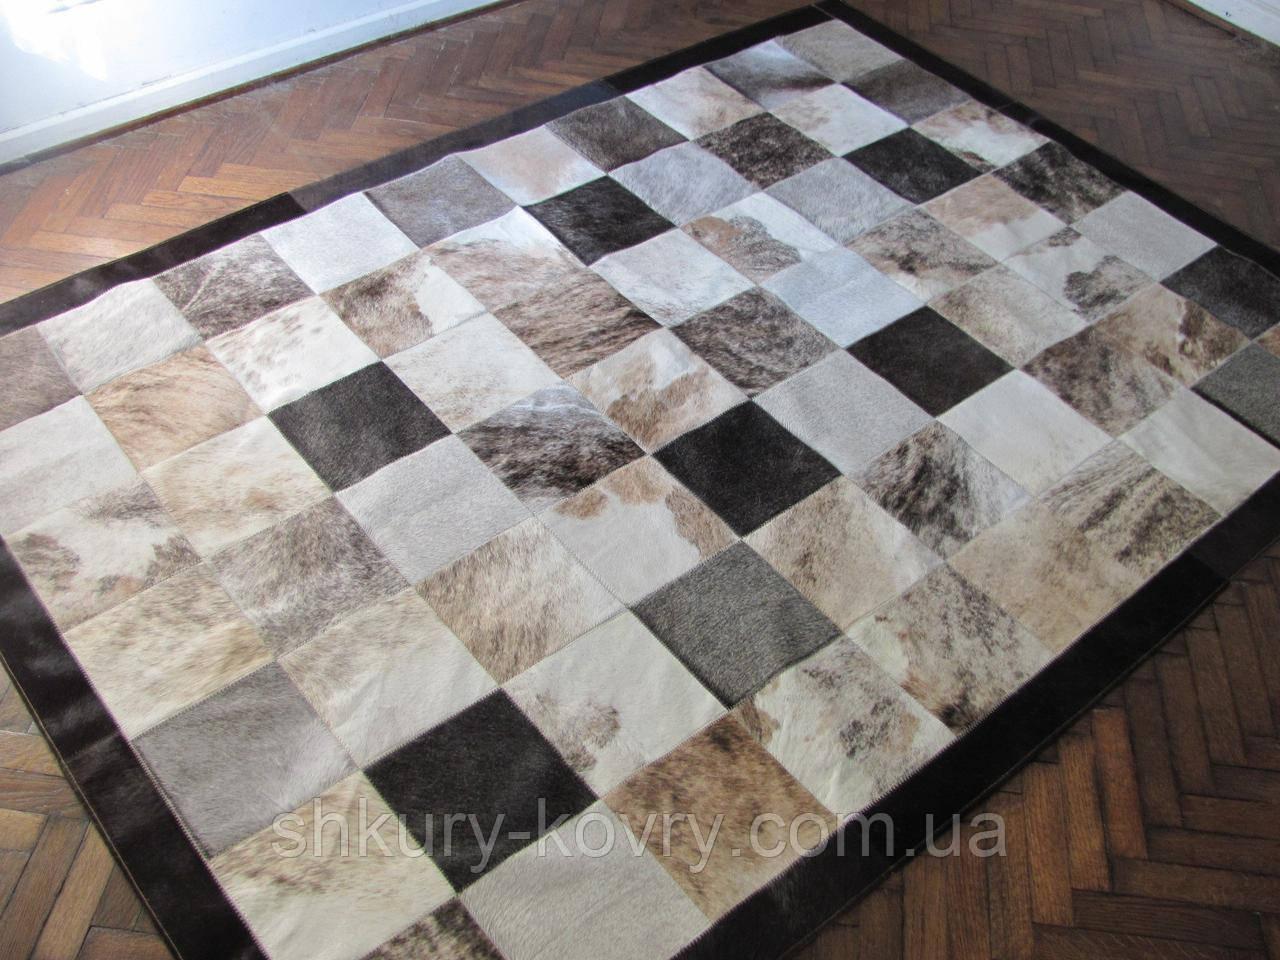 Сіро-бежевий тигровий дизайнерський килим з натуральної коров'ячої шкіри в Києві